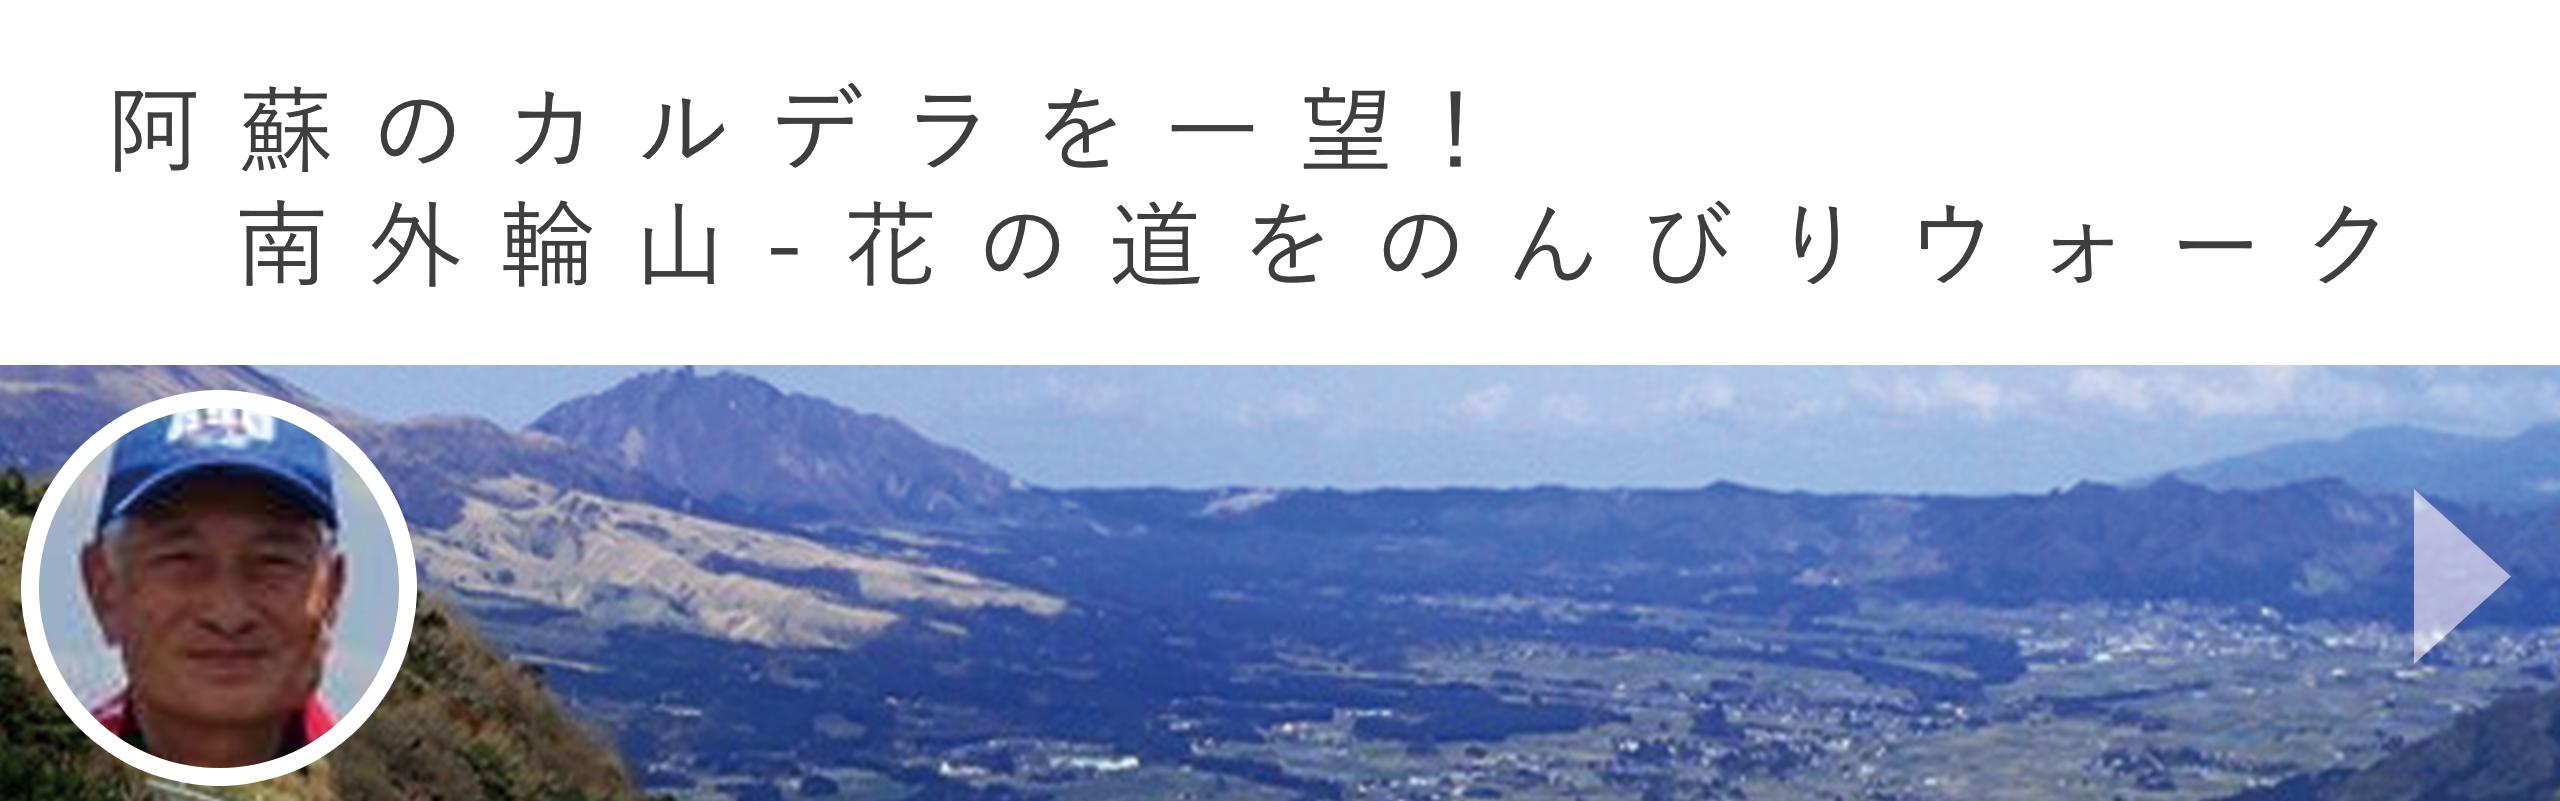 阿蘇のカルデラを一望! 南外輪山-花の道をのんびりウォーク|aini